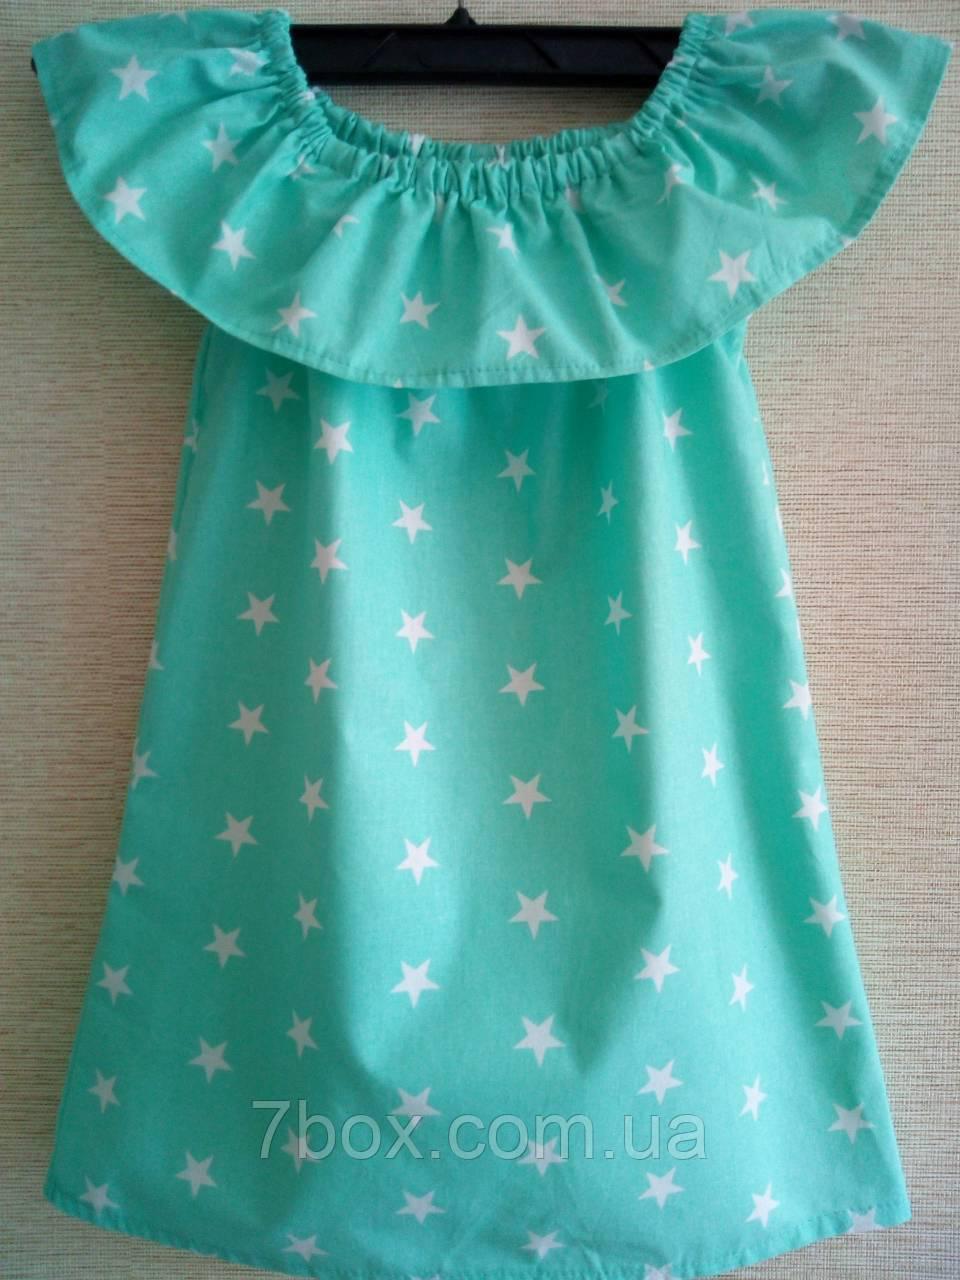 1afeee4aa95 Детское летнее платье Волан на плечах. 98-116р. Мята звездочки.